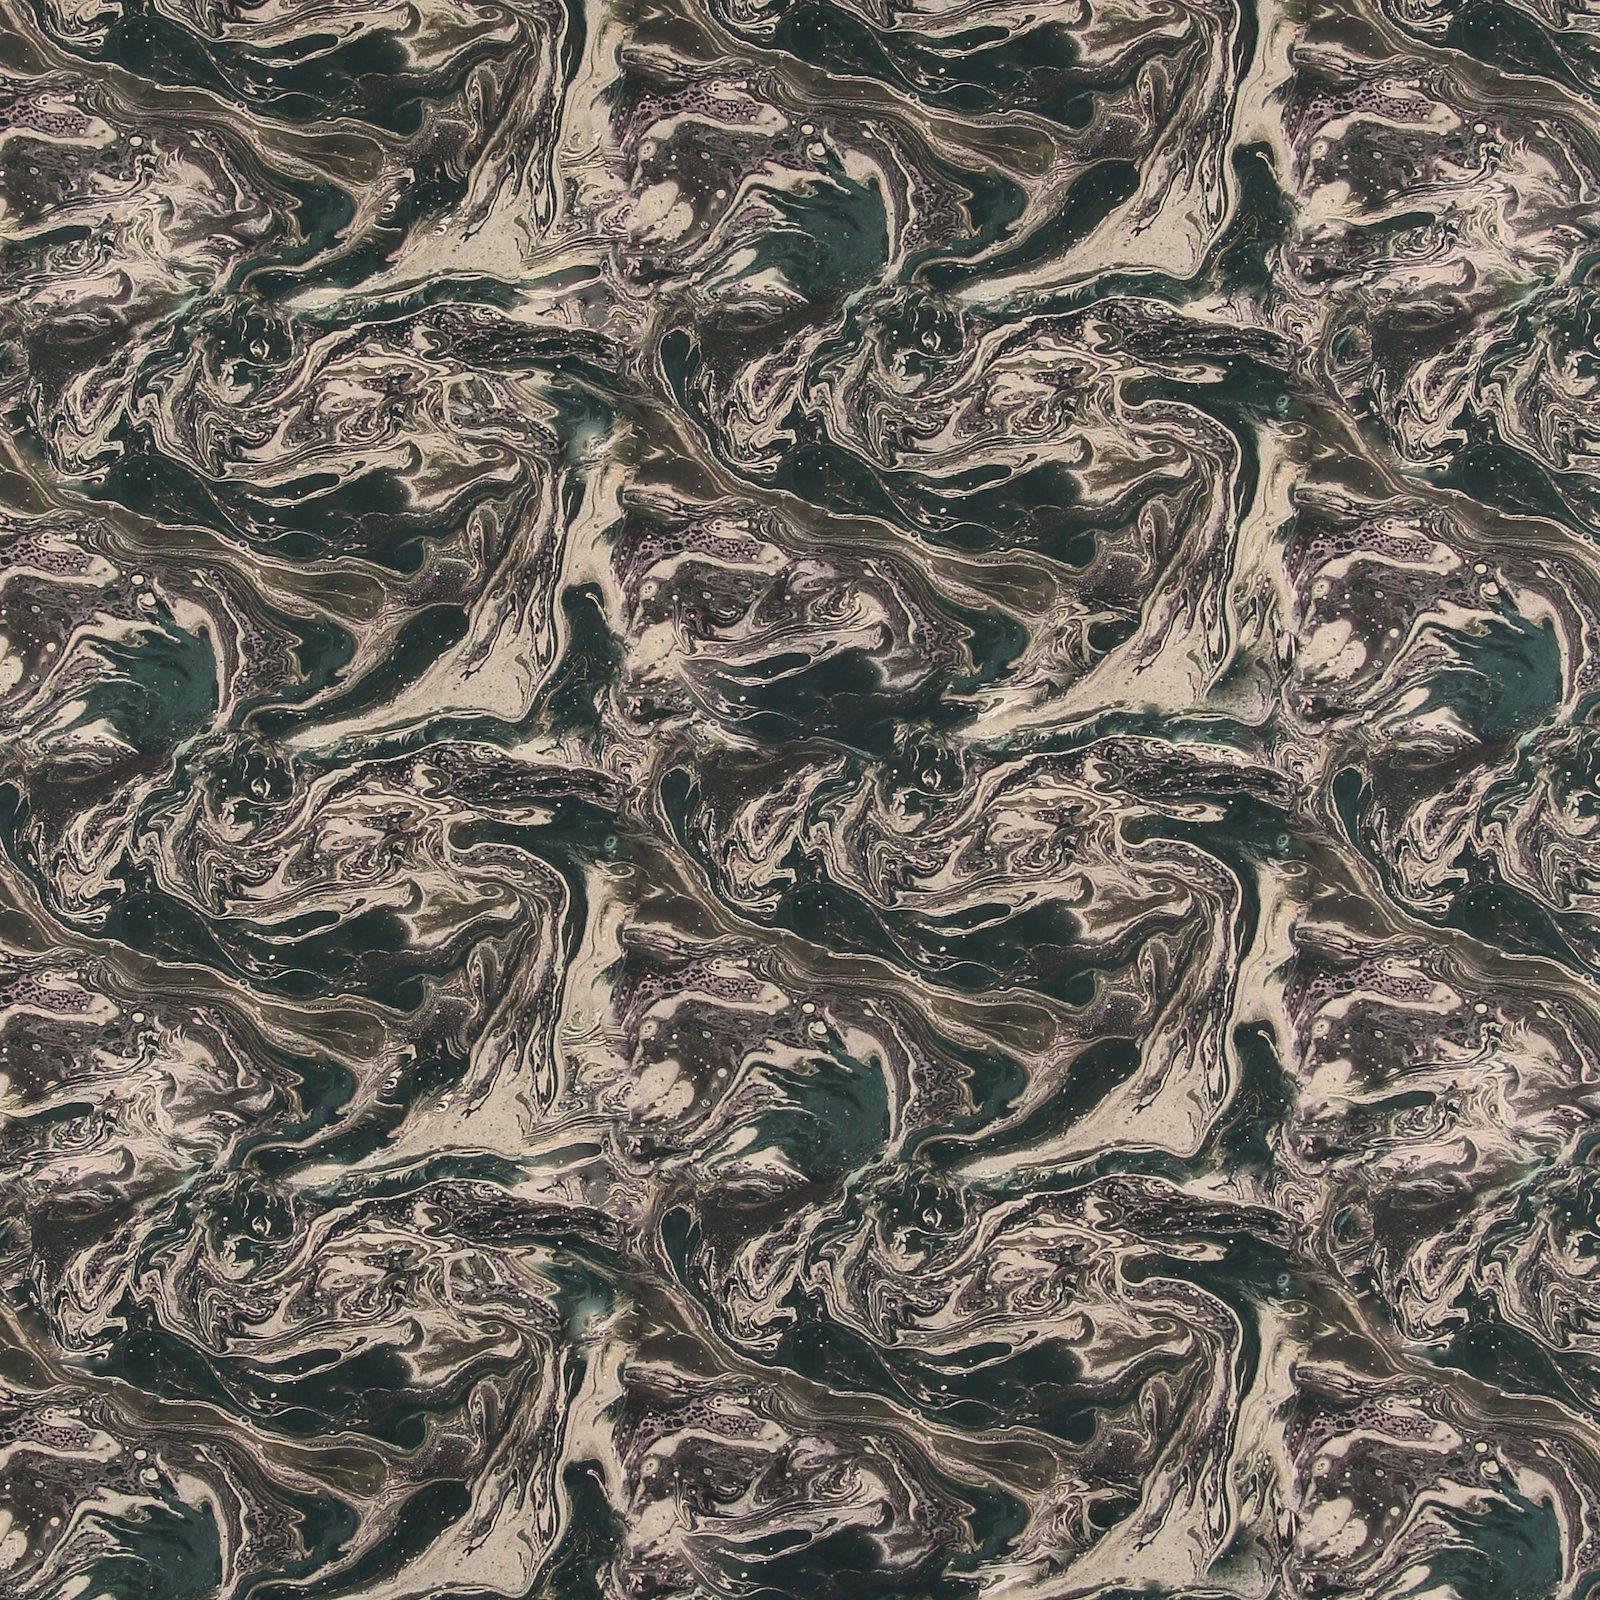 Baumwoll-Popeline Sand/Blau abstr. Print 540124_pack_sp